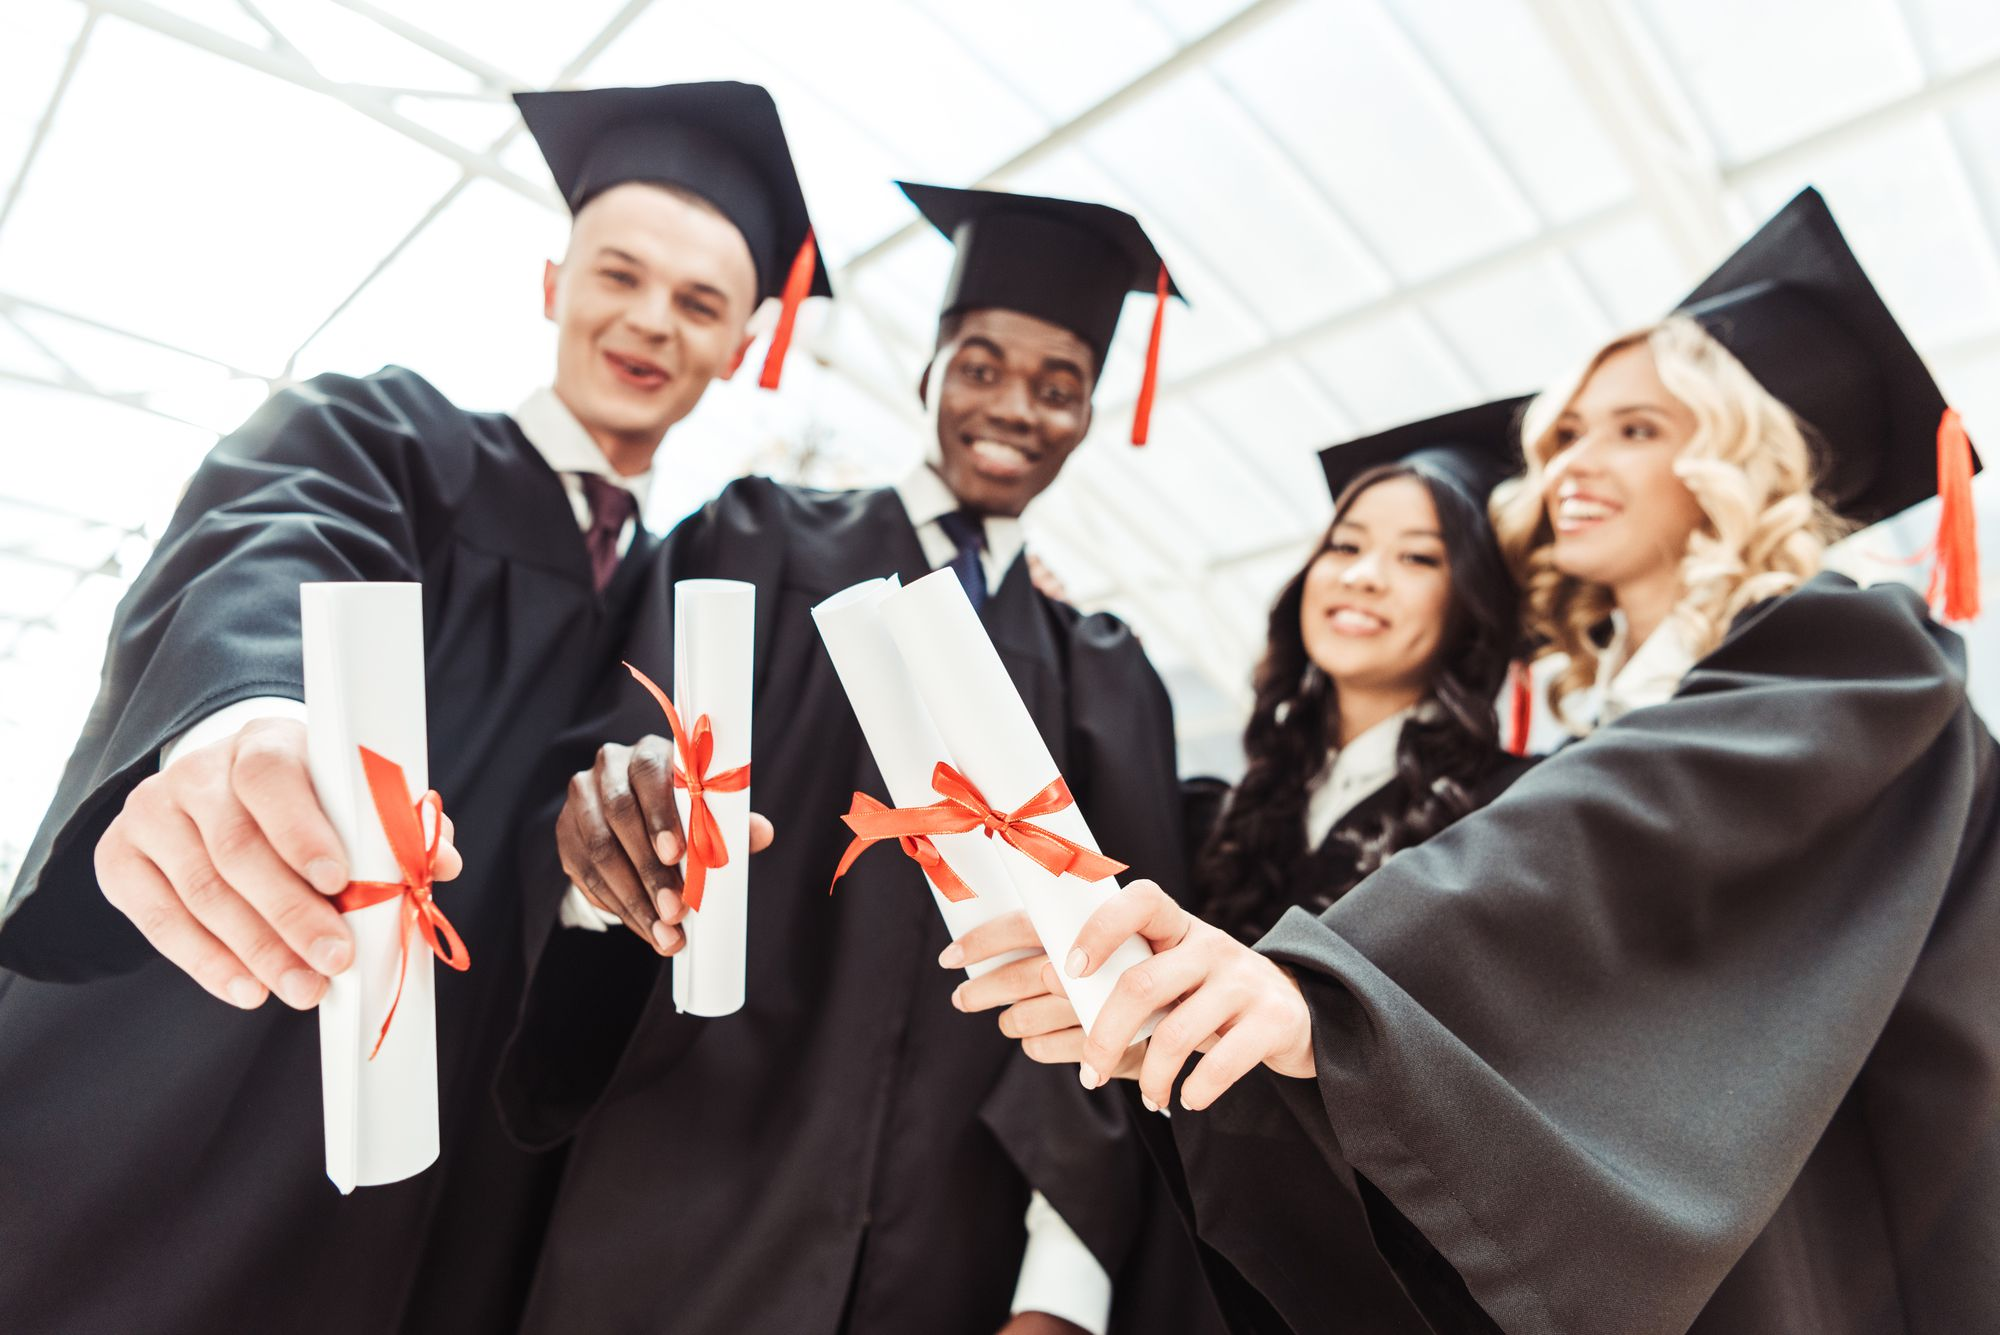 <p><span>Você sabia que, na hora de escolher uma faculdade, pode optar tanto por uma graduação tradicional quanto por uma tecnológica? A escolha pode ser feita levando em consideração o curso que você deseja, </span><a href=https://noticias.universia.com.br/educacao/noticia/2018/04/10/1159450/6-alternativas-pagar-faculdade-dinheiro.html target=_blank>o investimento de tempo e dinheiro</a><span> que pretende fazer e quais são os seus objetivos profissionais.</span></p><p><span>O diploma de tecnólogo tem a mesma validade do obtido nos cursos tradicionais, mas cada um apresenta algumas especificidades. Quer saber mais sobre as diferenças entre a graduação tradicional e a tecnológica? Continue acompanhando para conhecer suas características e observar qual delas é a melhor opção para você.</span></p><h2><span>O que é a graduação tecnológica</span></h2><p><span>Os cursos de graduação tecnológica são voltados para a formação de profissionais para o mercado de trabalho. Por isso, têm o viés mais prático para o desempenho de determinada função, com disciplinas específicas. Devido a esse foco, têm curta duração — o estudante pode se graduar em dois anos, em média.</span></p><p><span>Os cursos tecnológicos não são cursos técnicos, como muitos pensam. Cursos técnicos têm formação de nível médio, ao passo que os cursos tecnológicos são de nível superior, ou seja, são cursos de graduação plena, como os de bacharelado e licenciatura.</span></p><p><span>Além disso, o MEC não avalia cursos técnicos, mas avalia e reconhece os de graduação tecnológica com os mesmos critérios aplicados para os cursos de graduação tradicional.</span></p><h2><span>Quais as diferenças entre o diploma de tecnólogo e o de bacharel</span></h2><p><span>Para que você possa entender melhor as diferenças entre a graduação tecnológica e a tradicional, vamos fazer uma comparação entre elas, sob vários aspectos.</span></p><h3><span>Título</span></h3><p><span>O título obtido por quem se gradua em um curso tecnológi